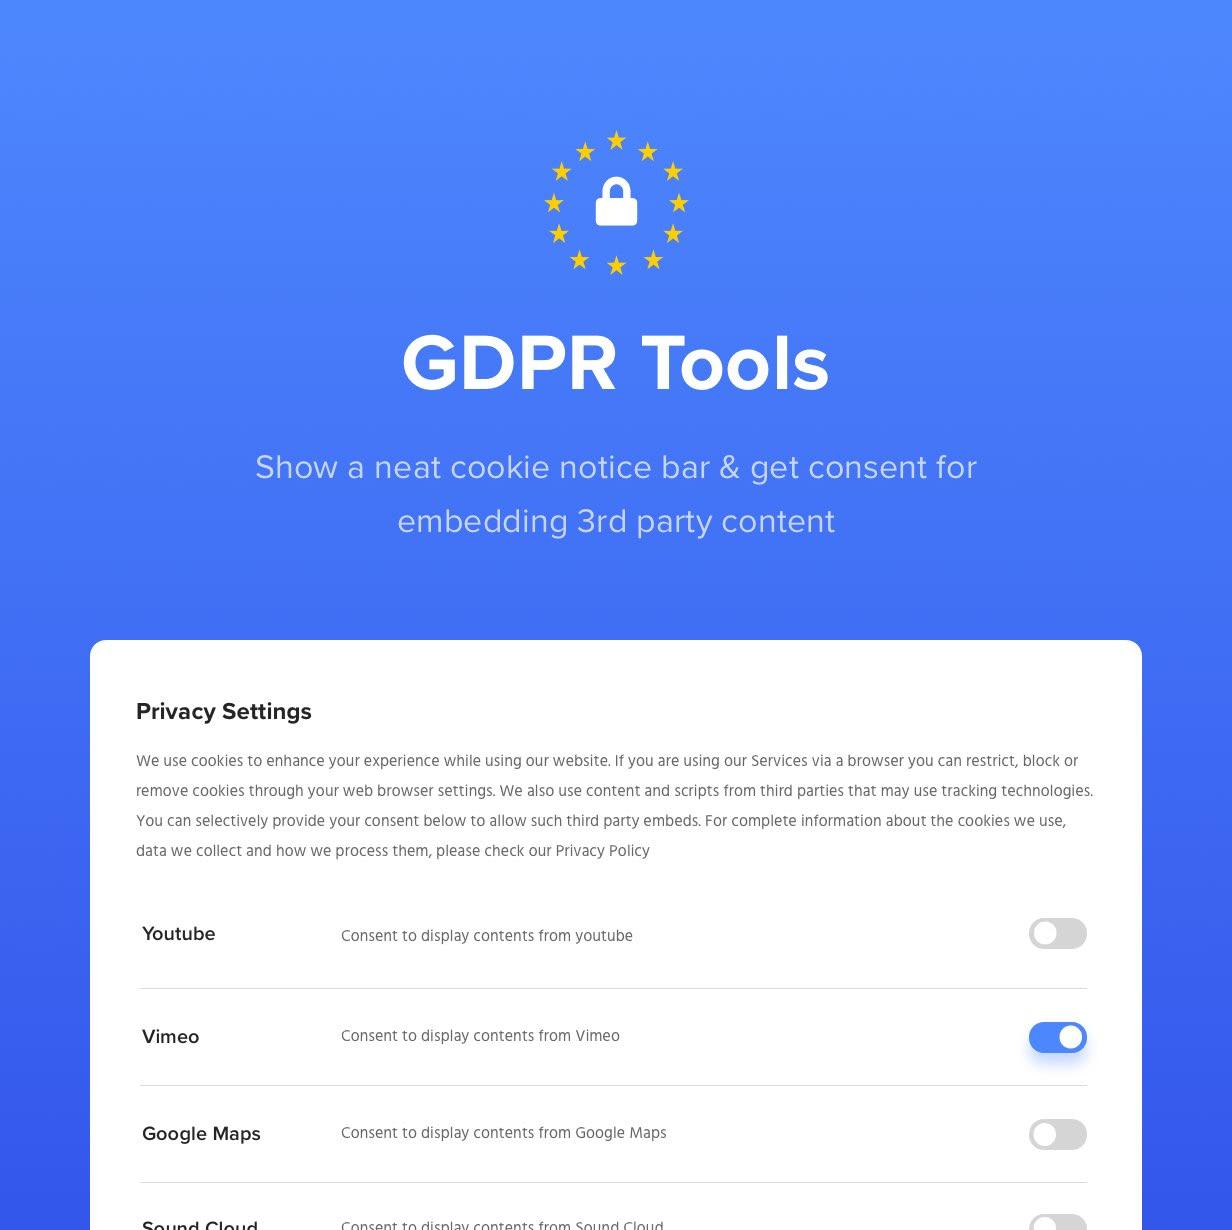 أدوات اللائحة العامة لحماية البيانات